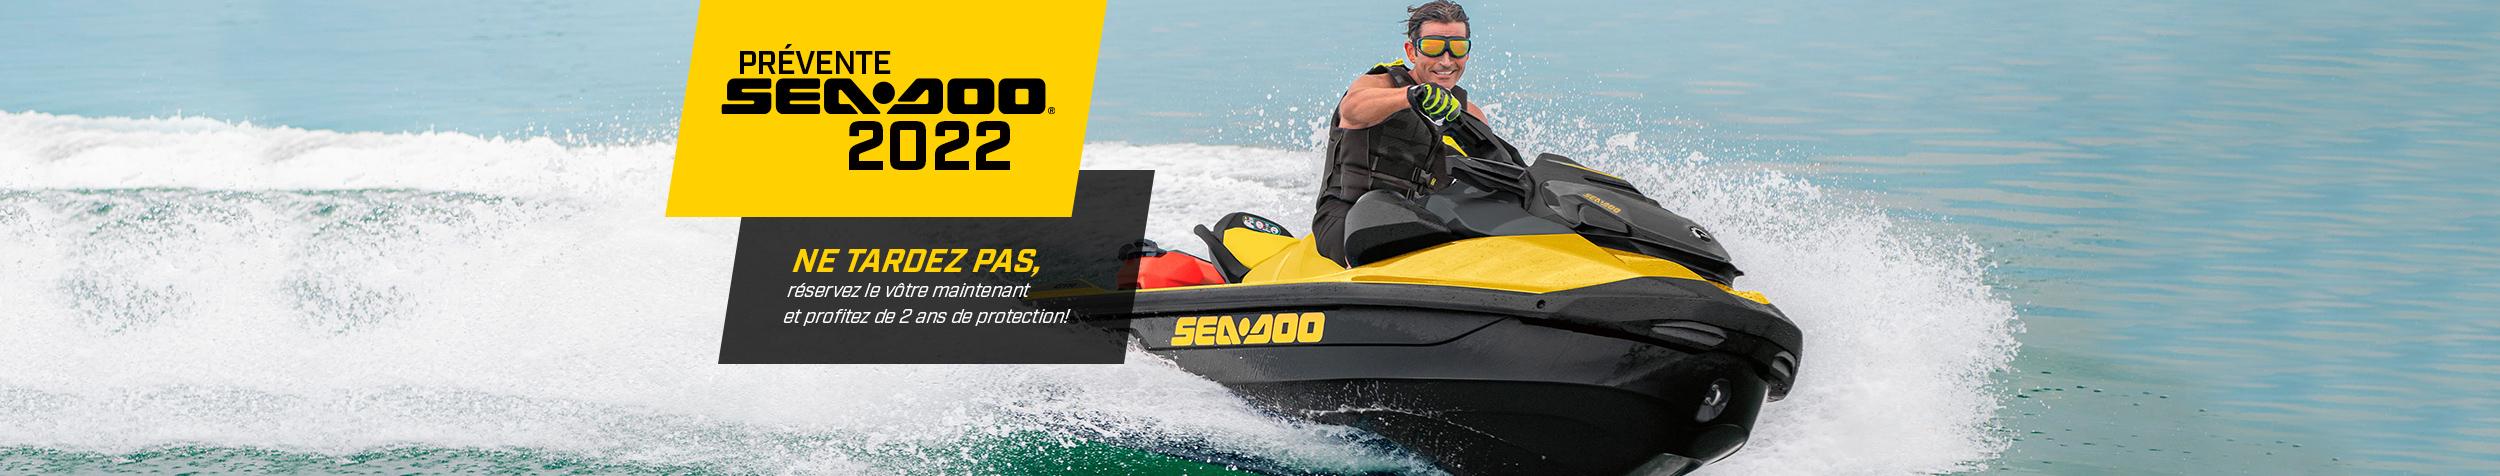 Achetez votre Sea-Doo 2022 dès maintenant pour bénéficier de certains avantages!